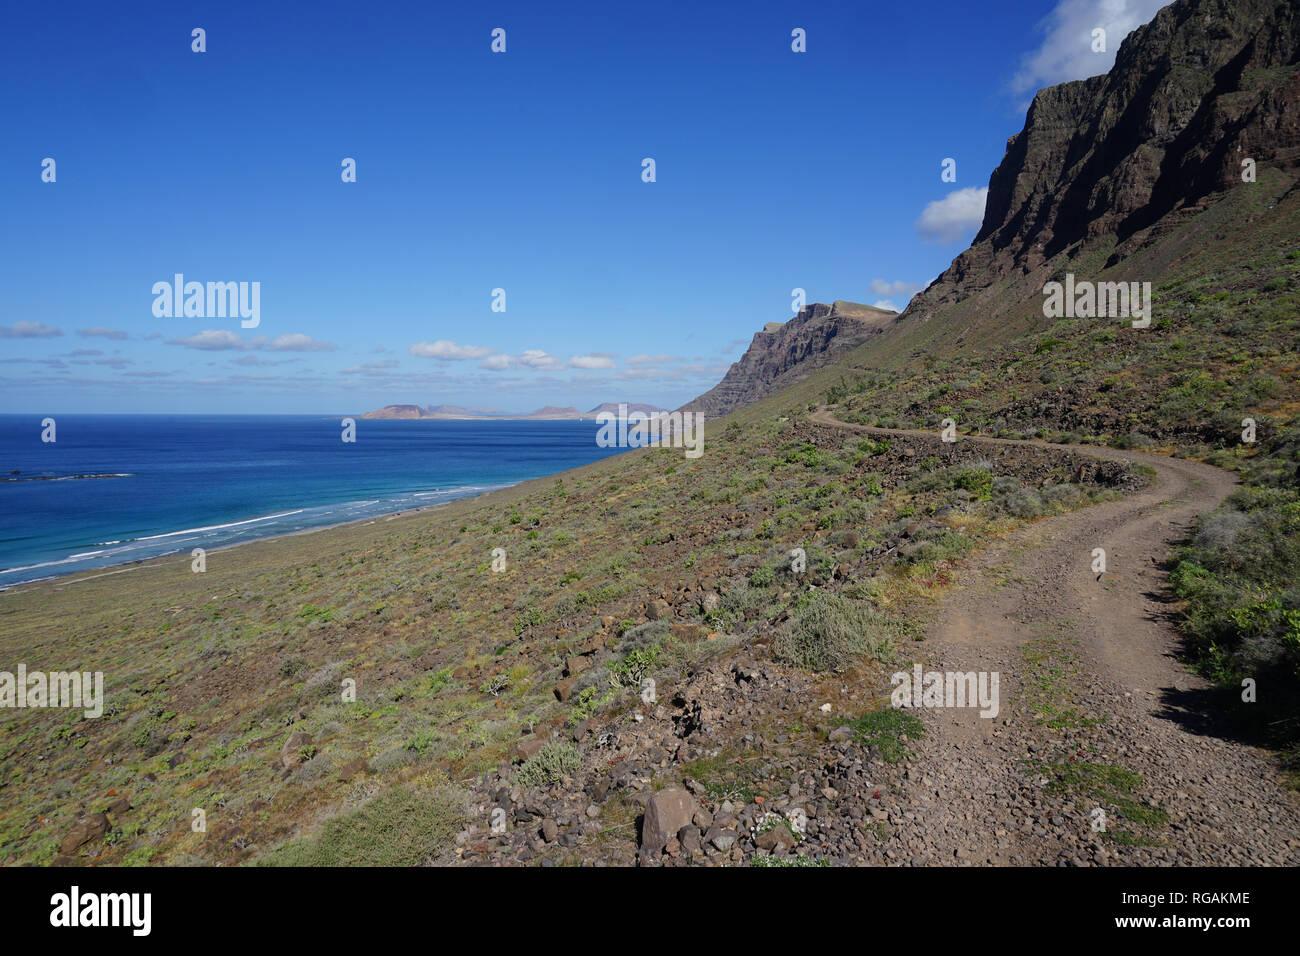 Wanderweg unterhalb des Kliffs, Riscos de Famara Famara, Playa de Famara, Lanzarote, Kanarische Inseln, Spanien Stockbild